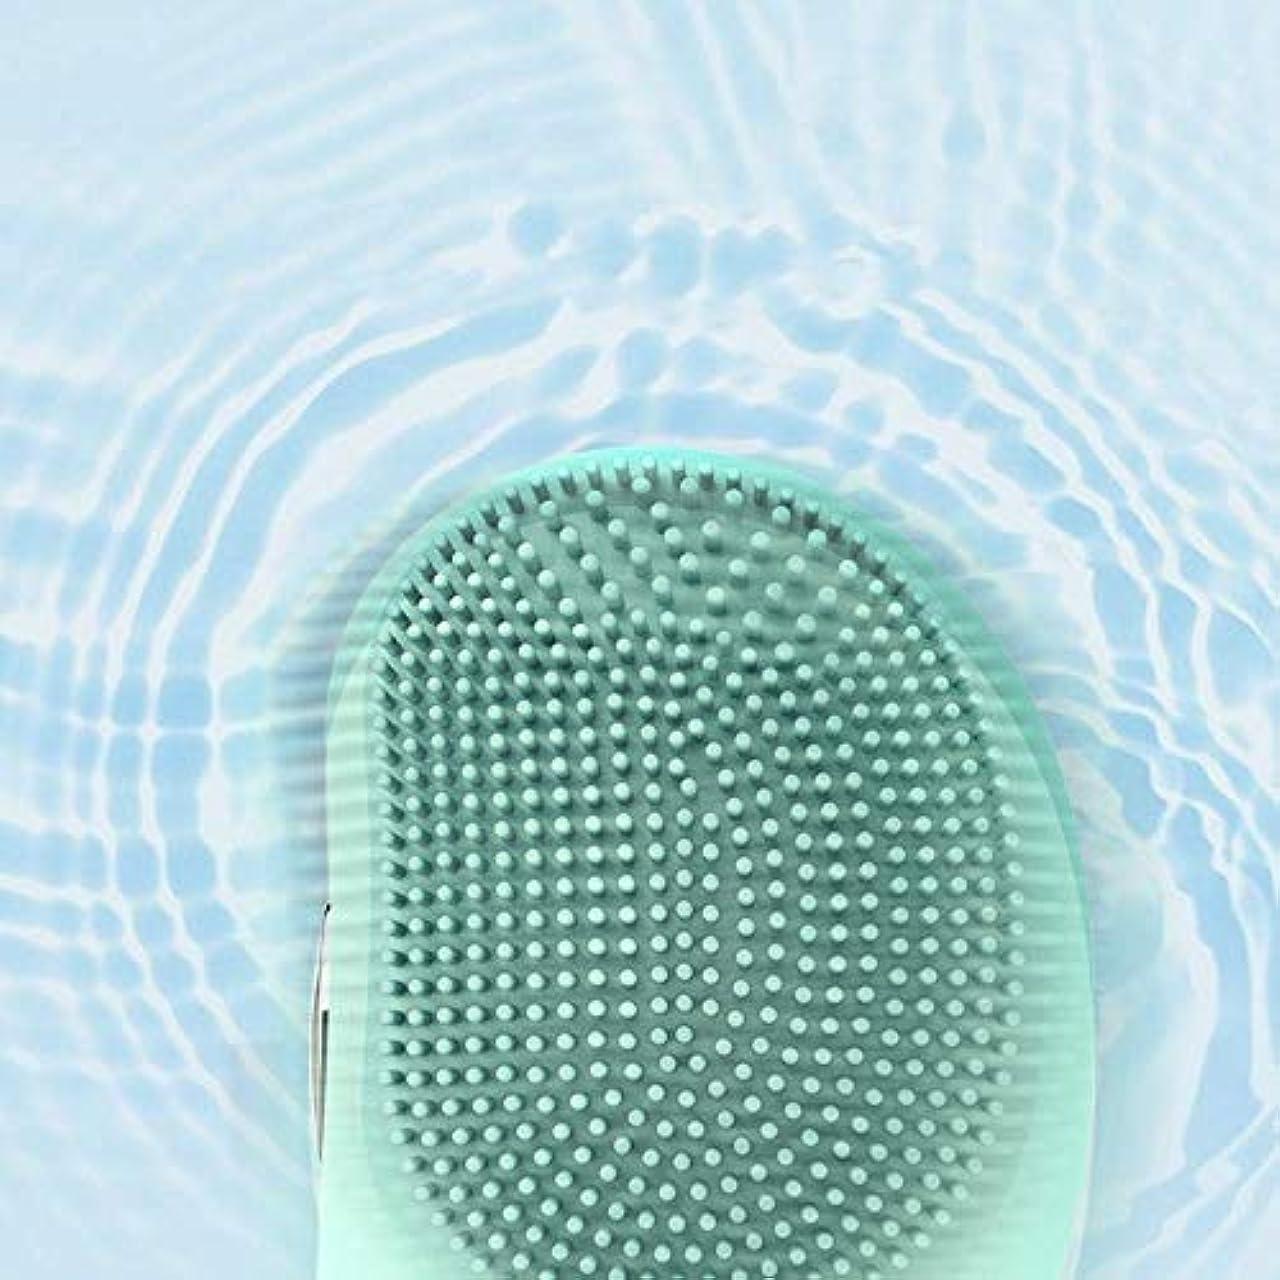 早い地殻から聞くLYX 新エレクトリック防水シリコーンクレンジングブラシ、超音波振動ポータブルクレンジング器、マッサージ器、美容機器、家庭用クリーナーデトックスクリーニングブラシ (Color : 青)